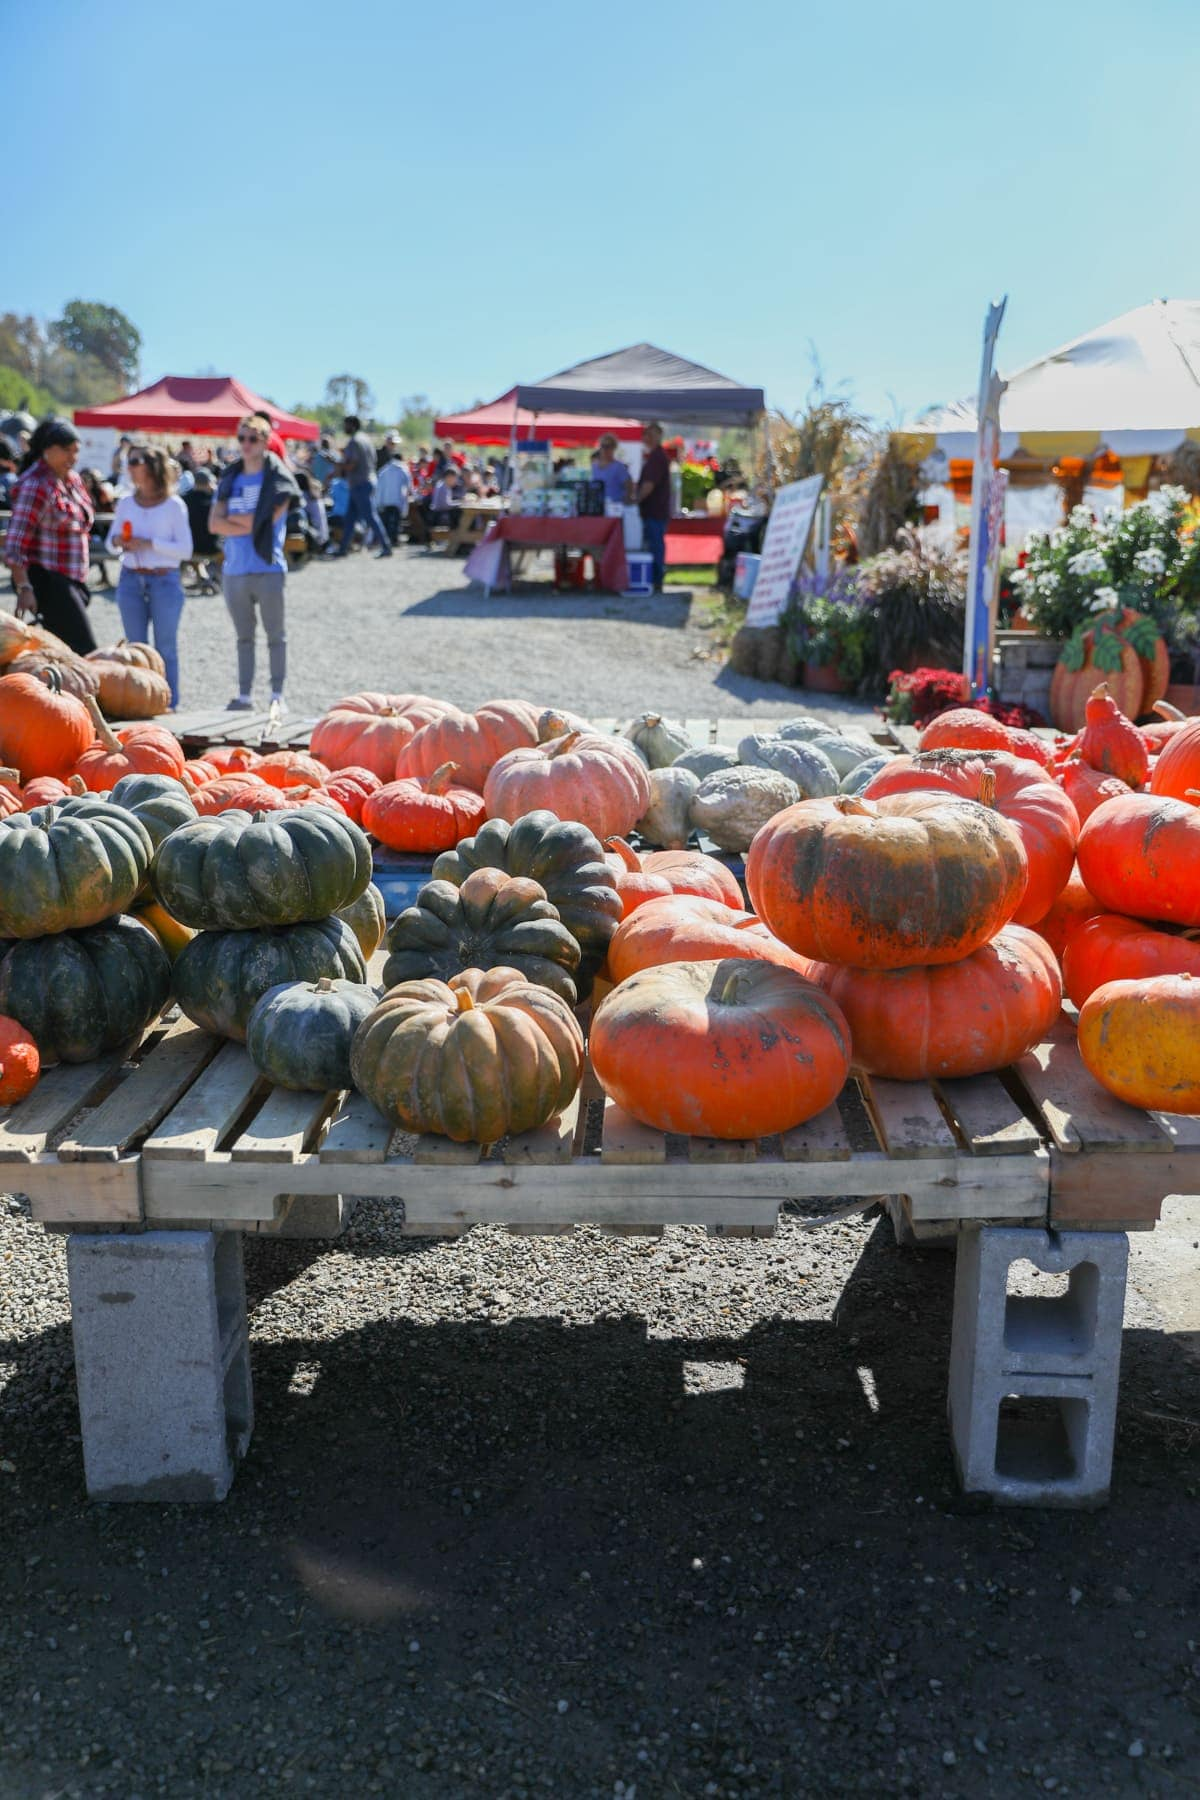 A table of pumpkins